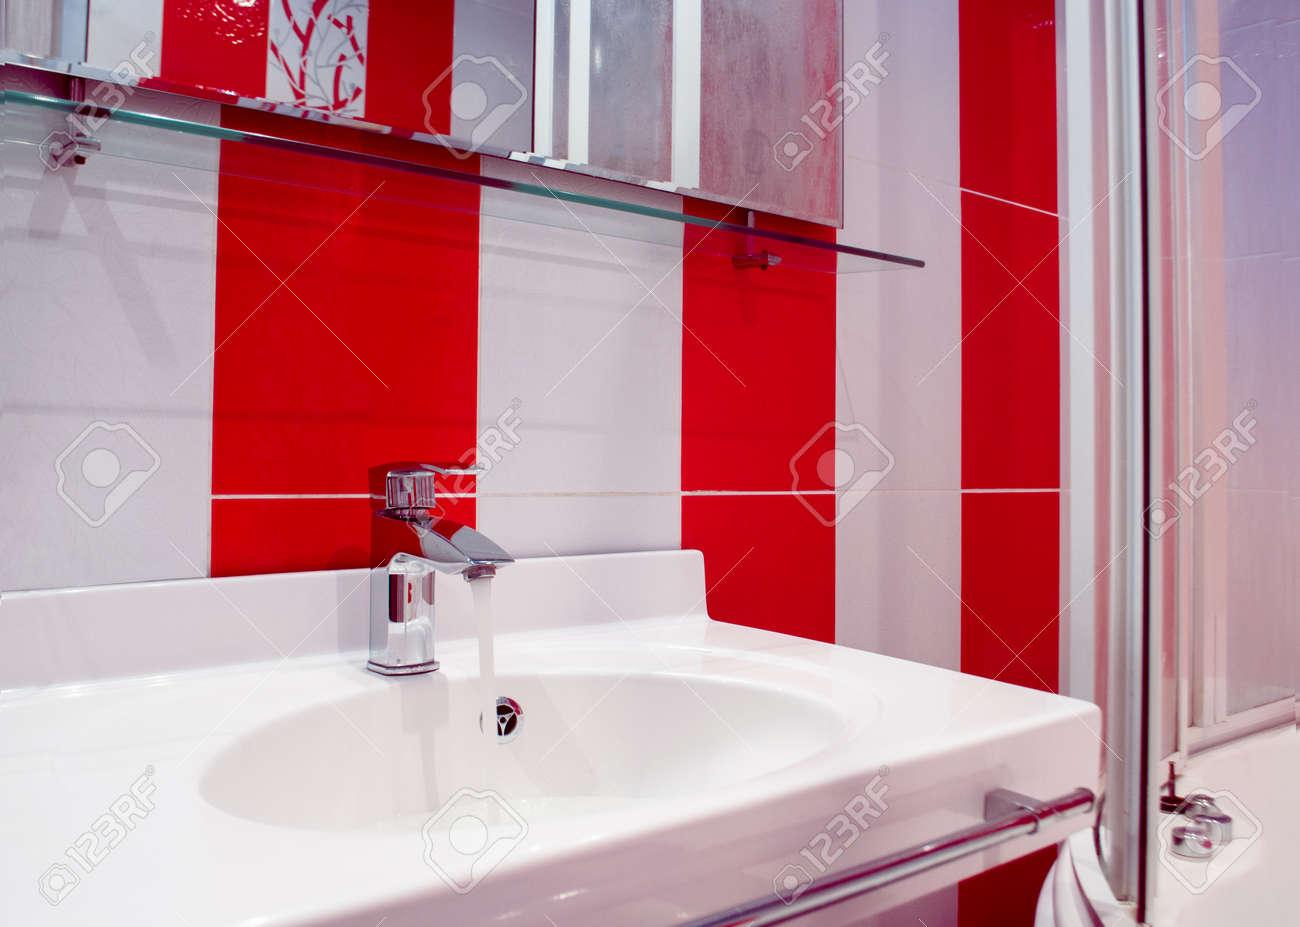 Banque Du0027images   Splashy Intérieur De Salle De Bain En Couleurs Rouge Et  Blanc Dans Un Style Moderne